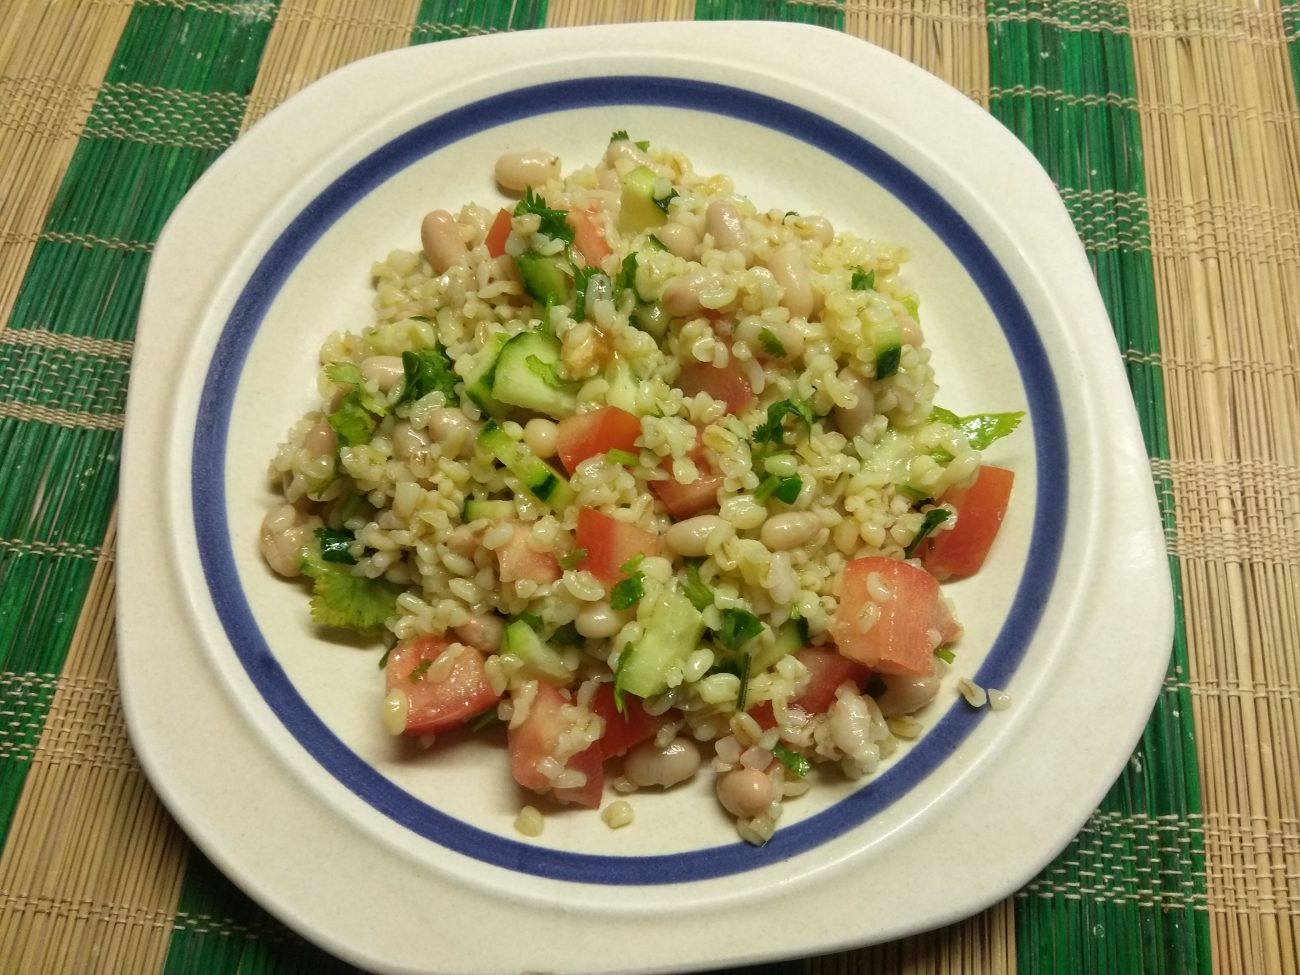 Салат из булгура, с консервированной фасолью, помидорами и огурцами